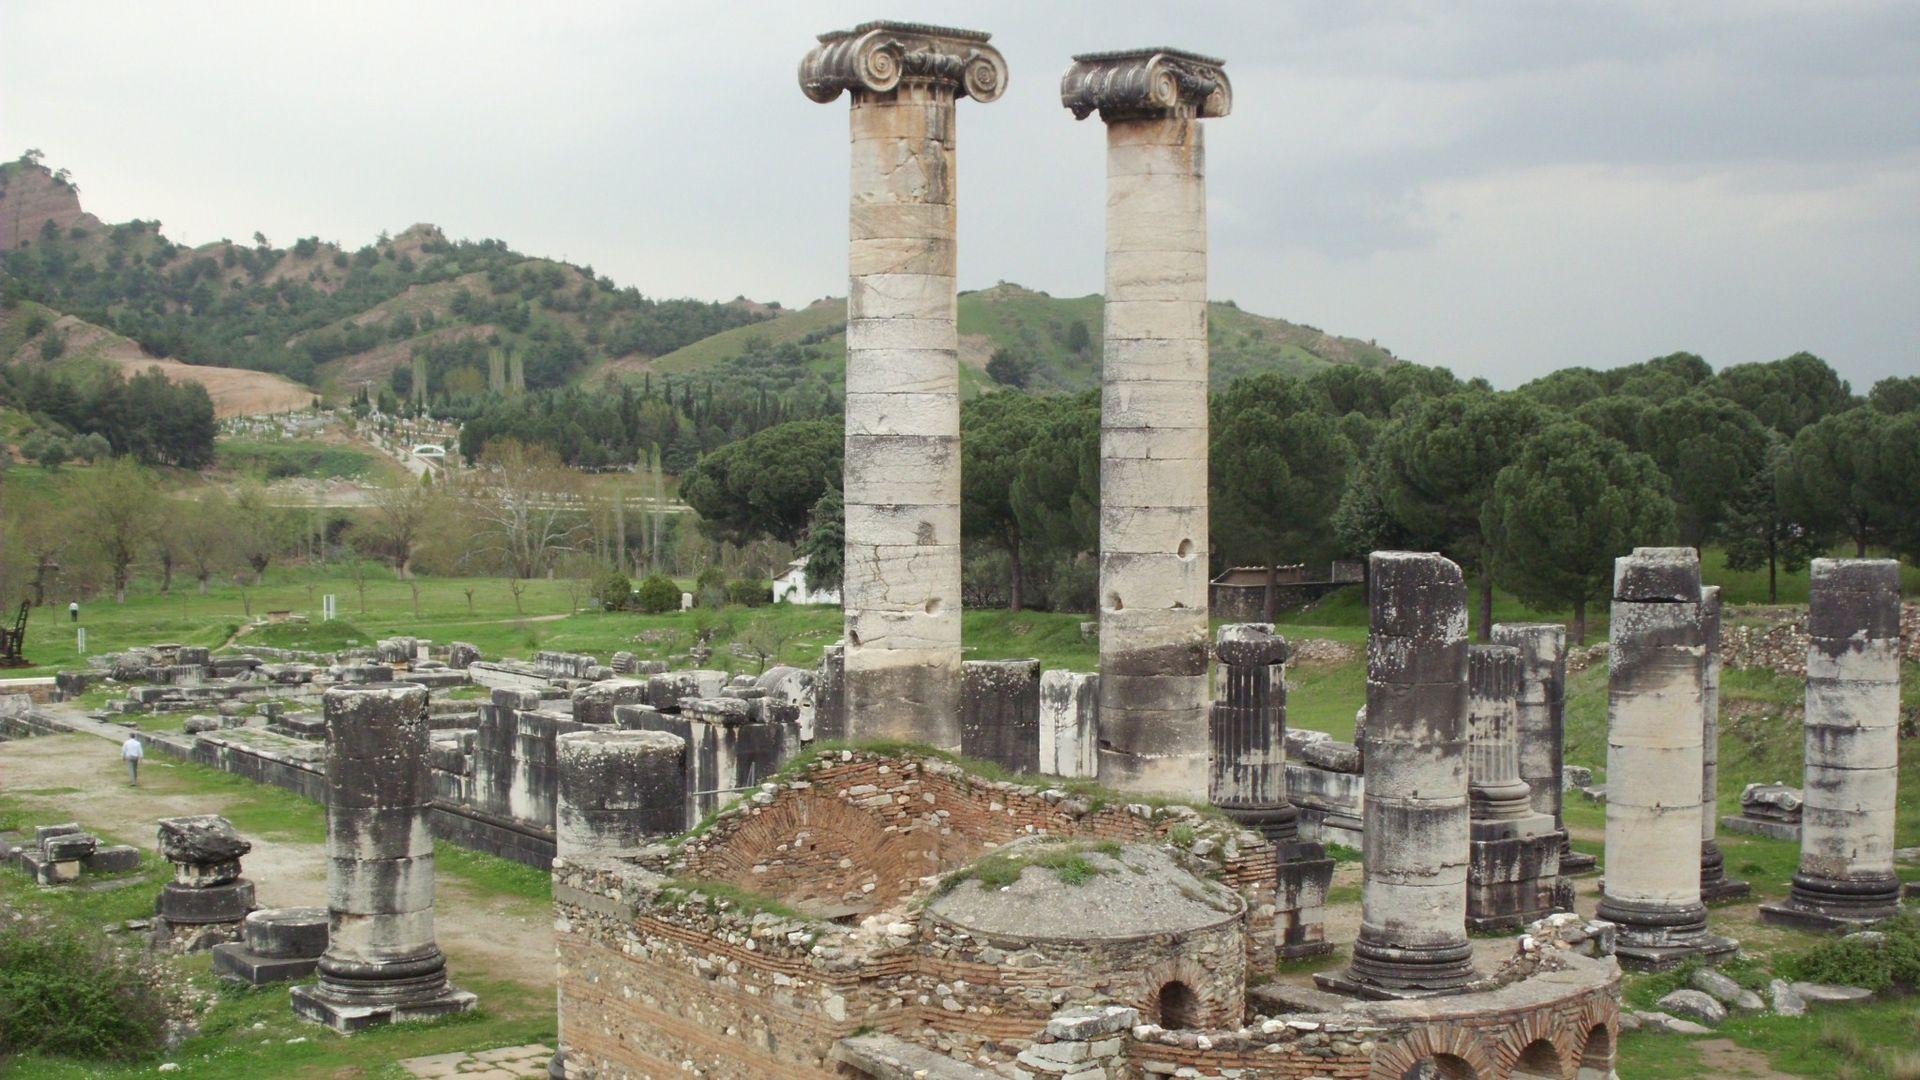 Kültürel ve doğal miraslarımız XXXVIII (Sardes Antik Kenti ve Bin tepeler Lidya Tümülüsleri)